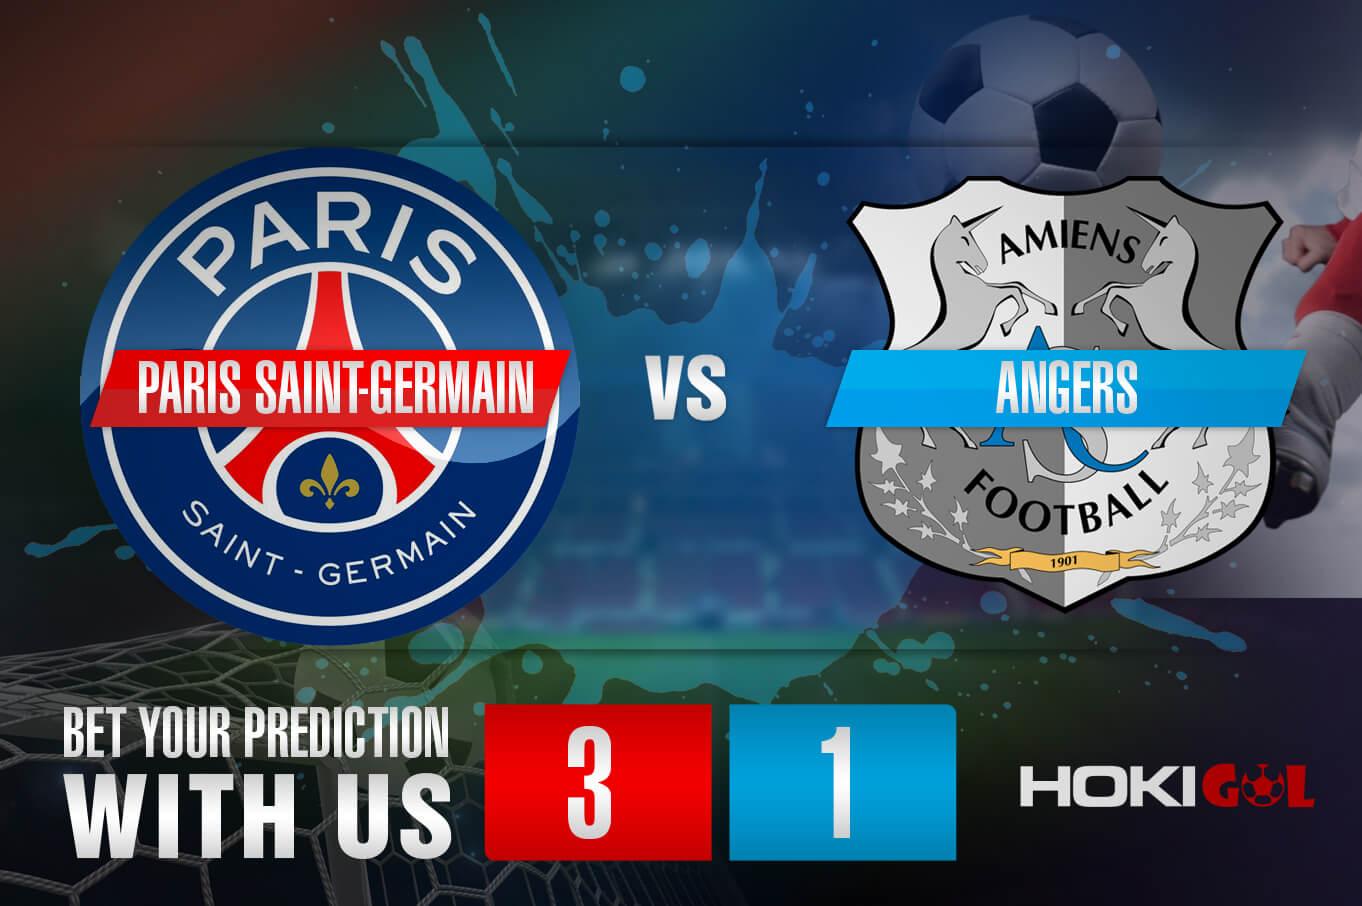 Prediksi Bola Paris Saint-Germain Vs Angers 16 Oktober 2021